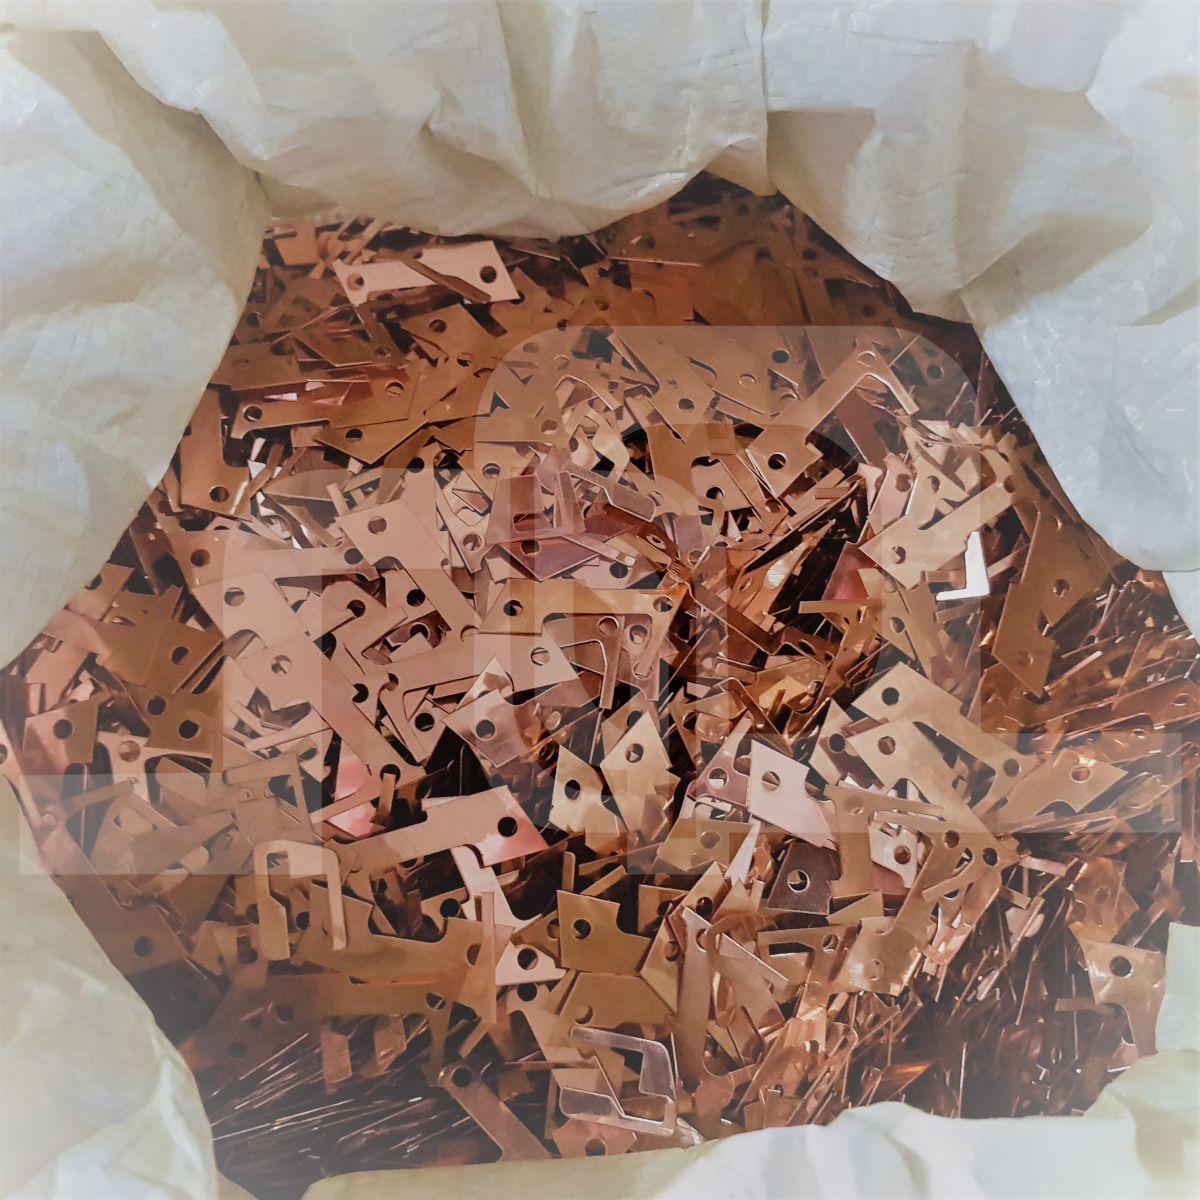 Scrap Metals 2